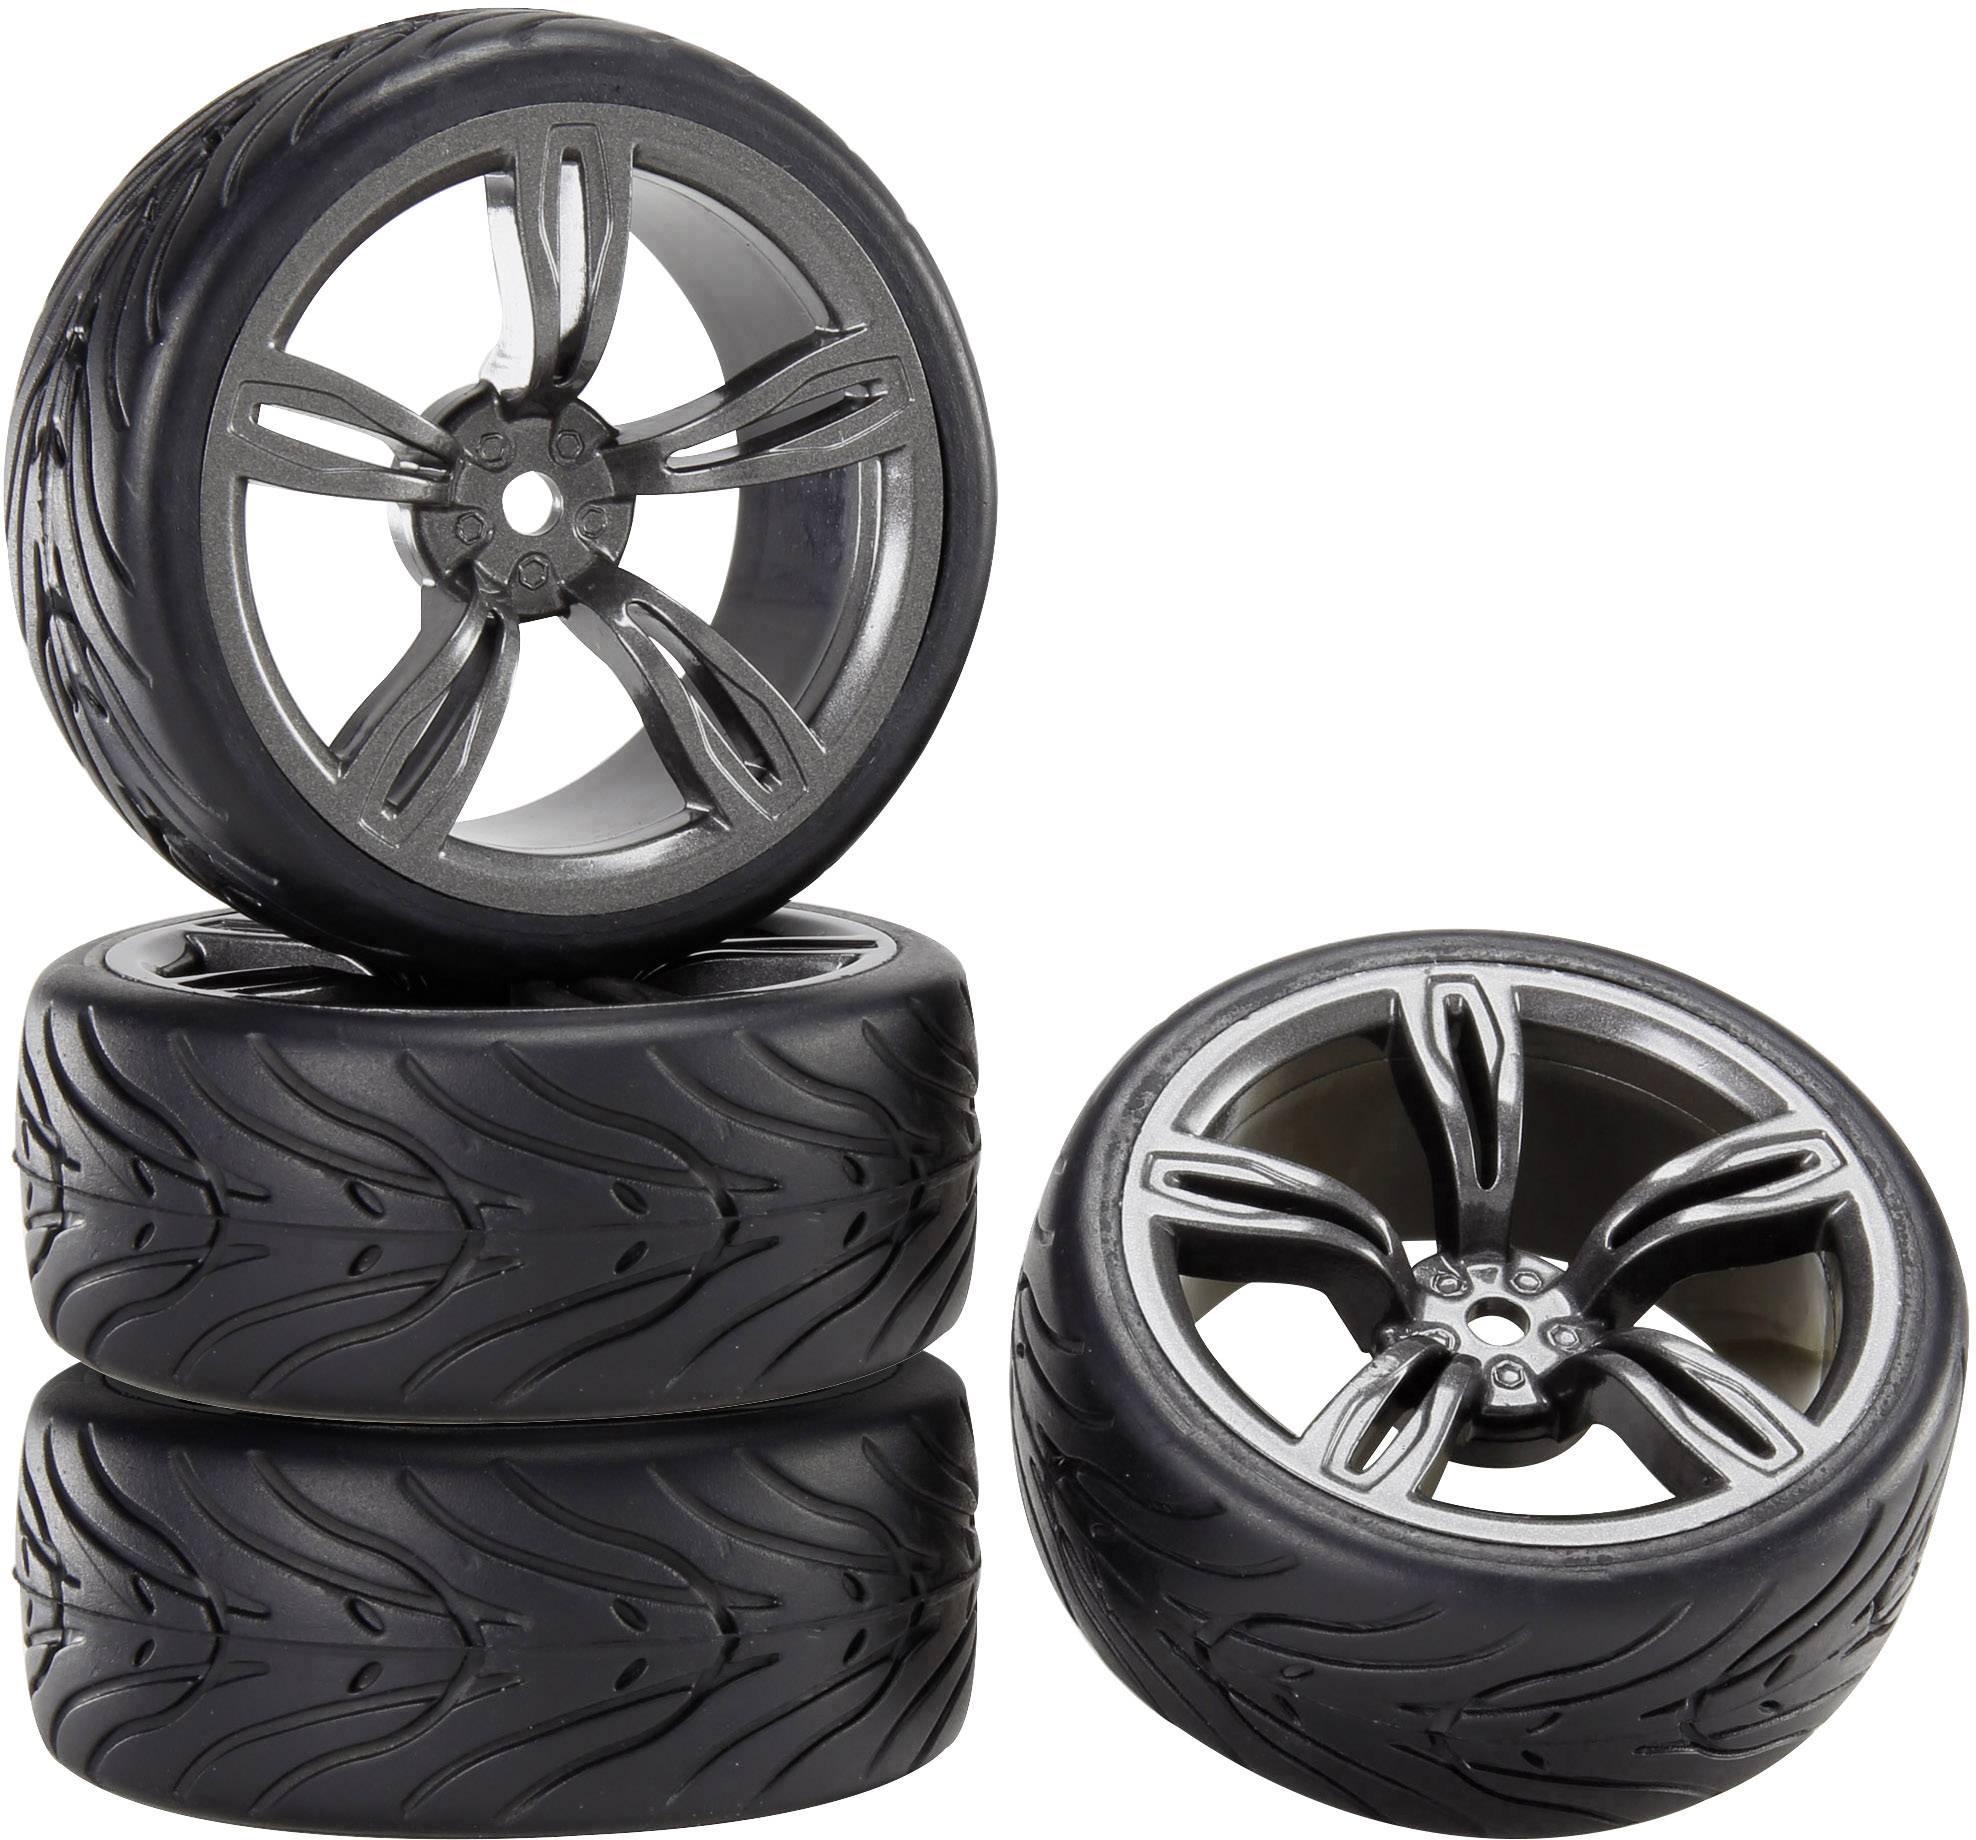 Kompletné kolesá pre cestné modely s ráfikmi a profilom pneumatík (5 mm + Devil) Reely